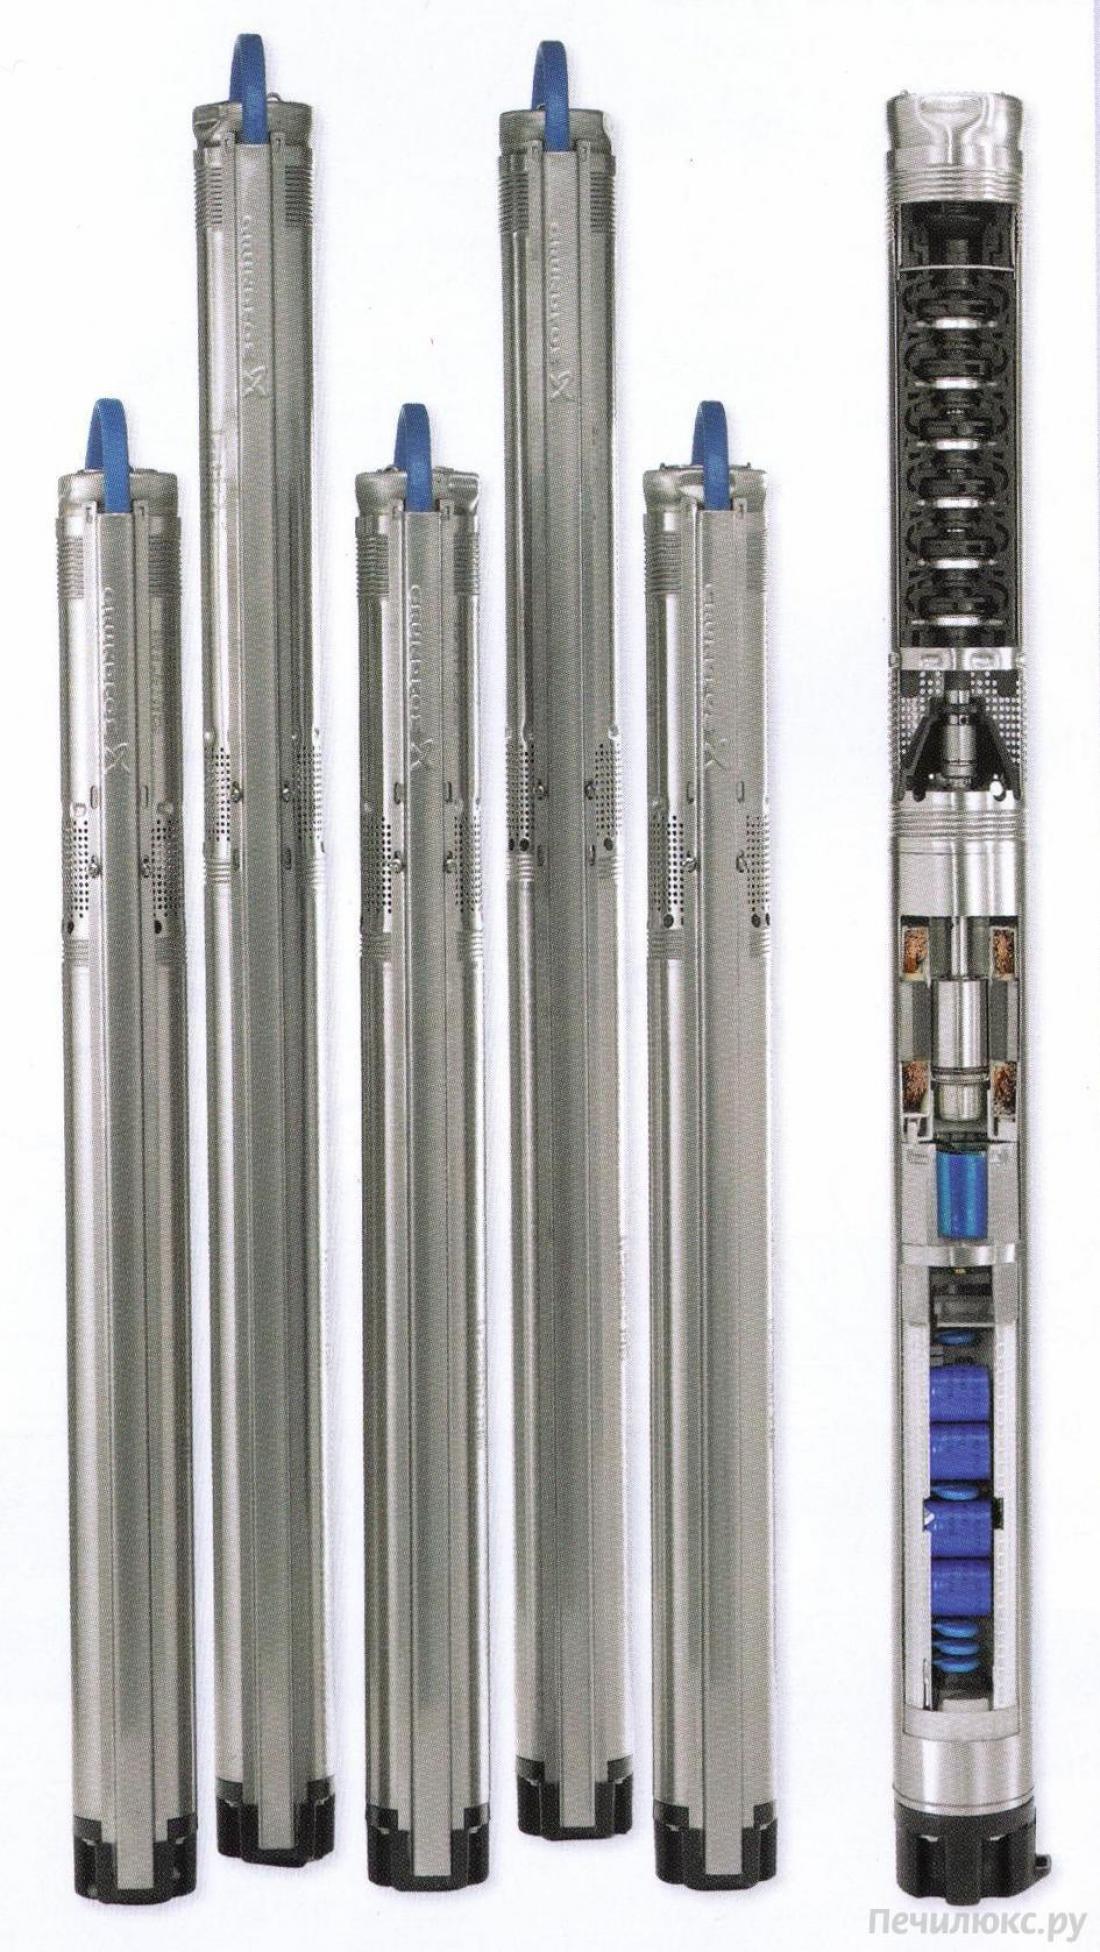 SQE 2- 70     1.15kW 200-240V 50/60Hz